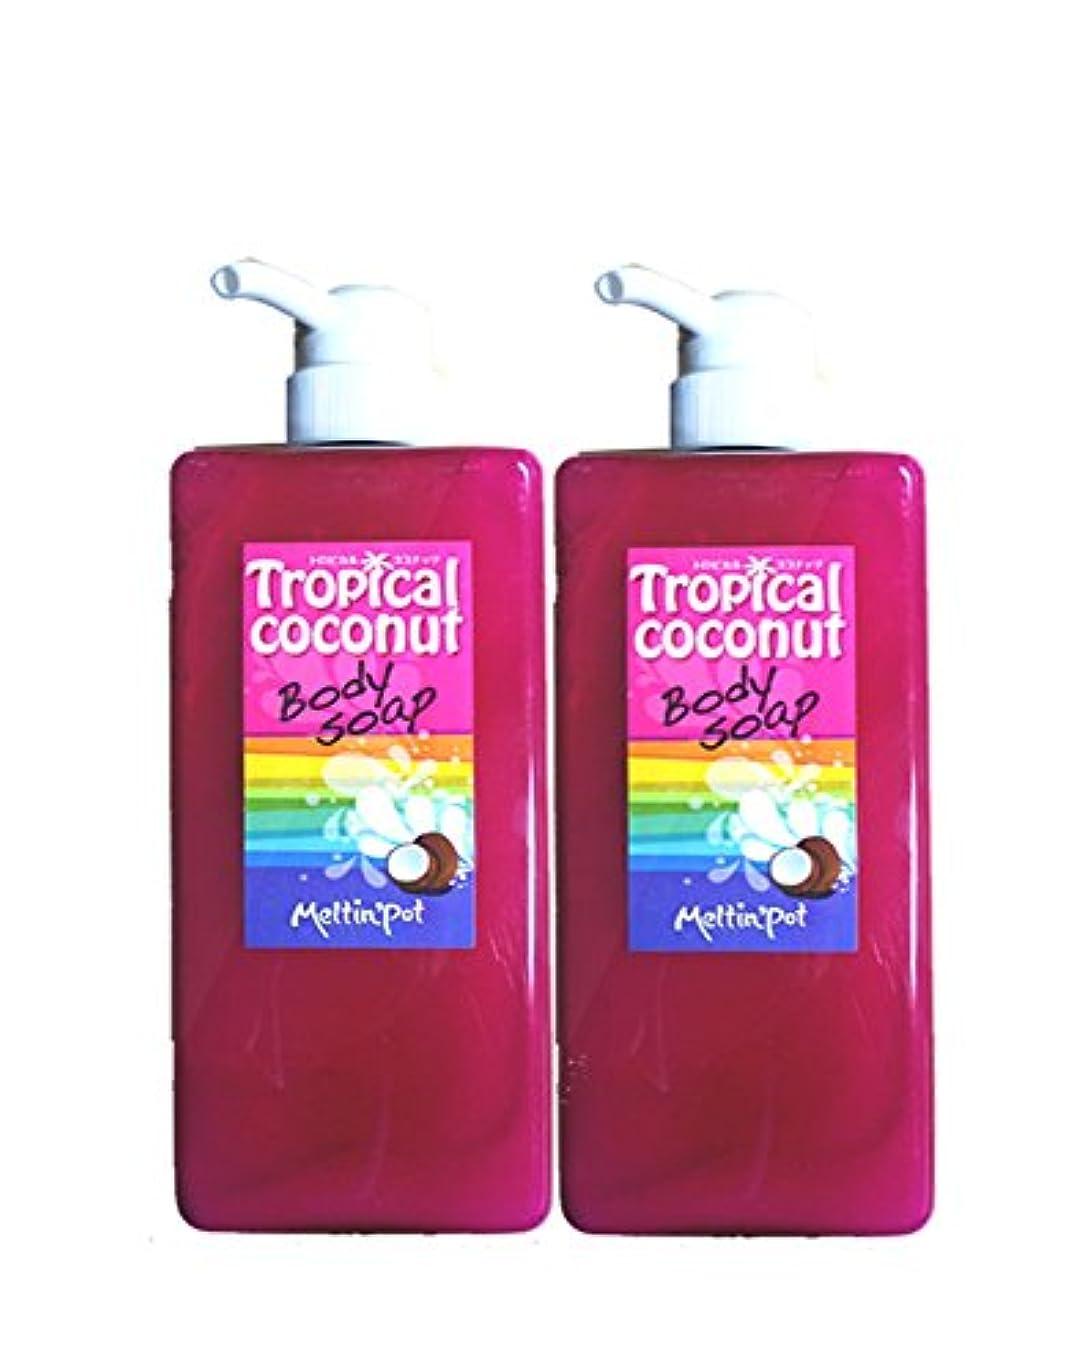 証言する急性失速トロピカルココナッツ ボディソープ 600ml*2セット Tropical coconut Body Soap 加齢臭に!